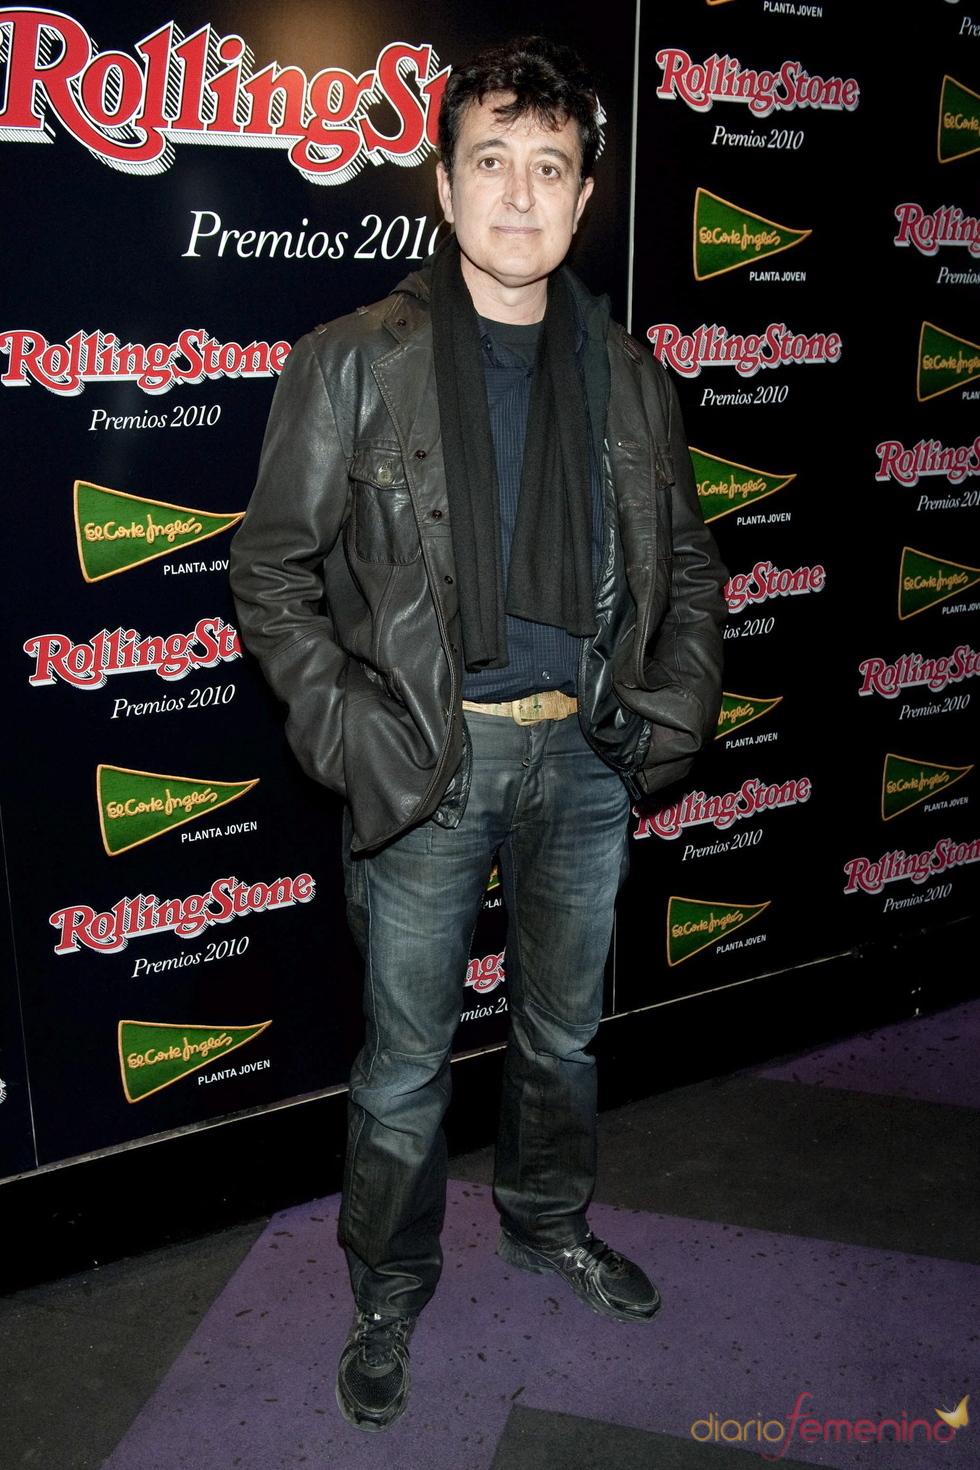 Premios Rolling Stone 2010 con Manolo García